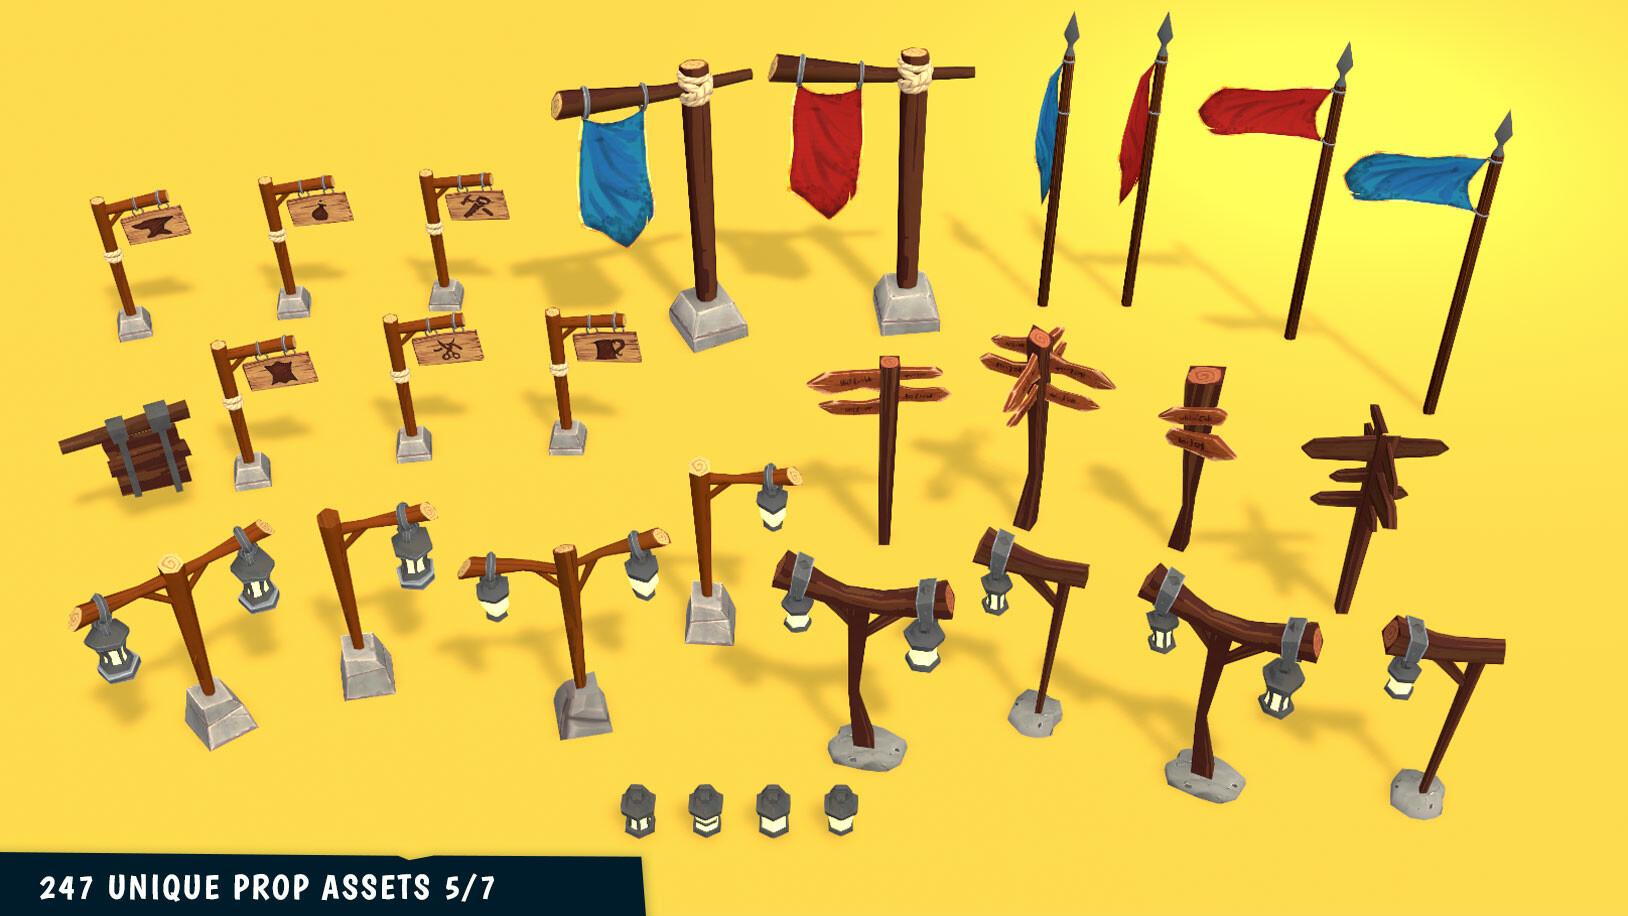 Tidal flask studios store fvp screenshots 1628x916 05